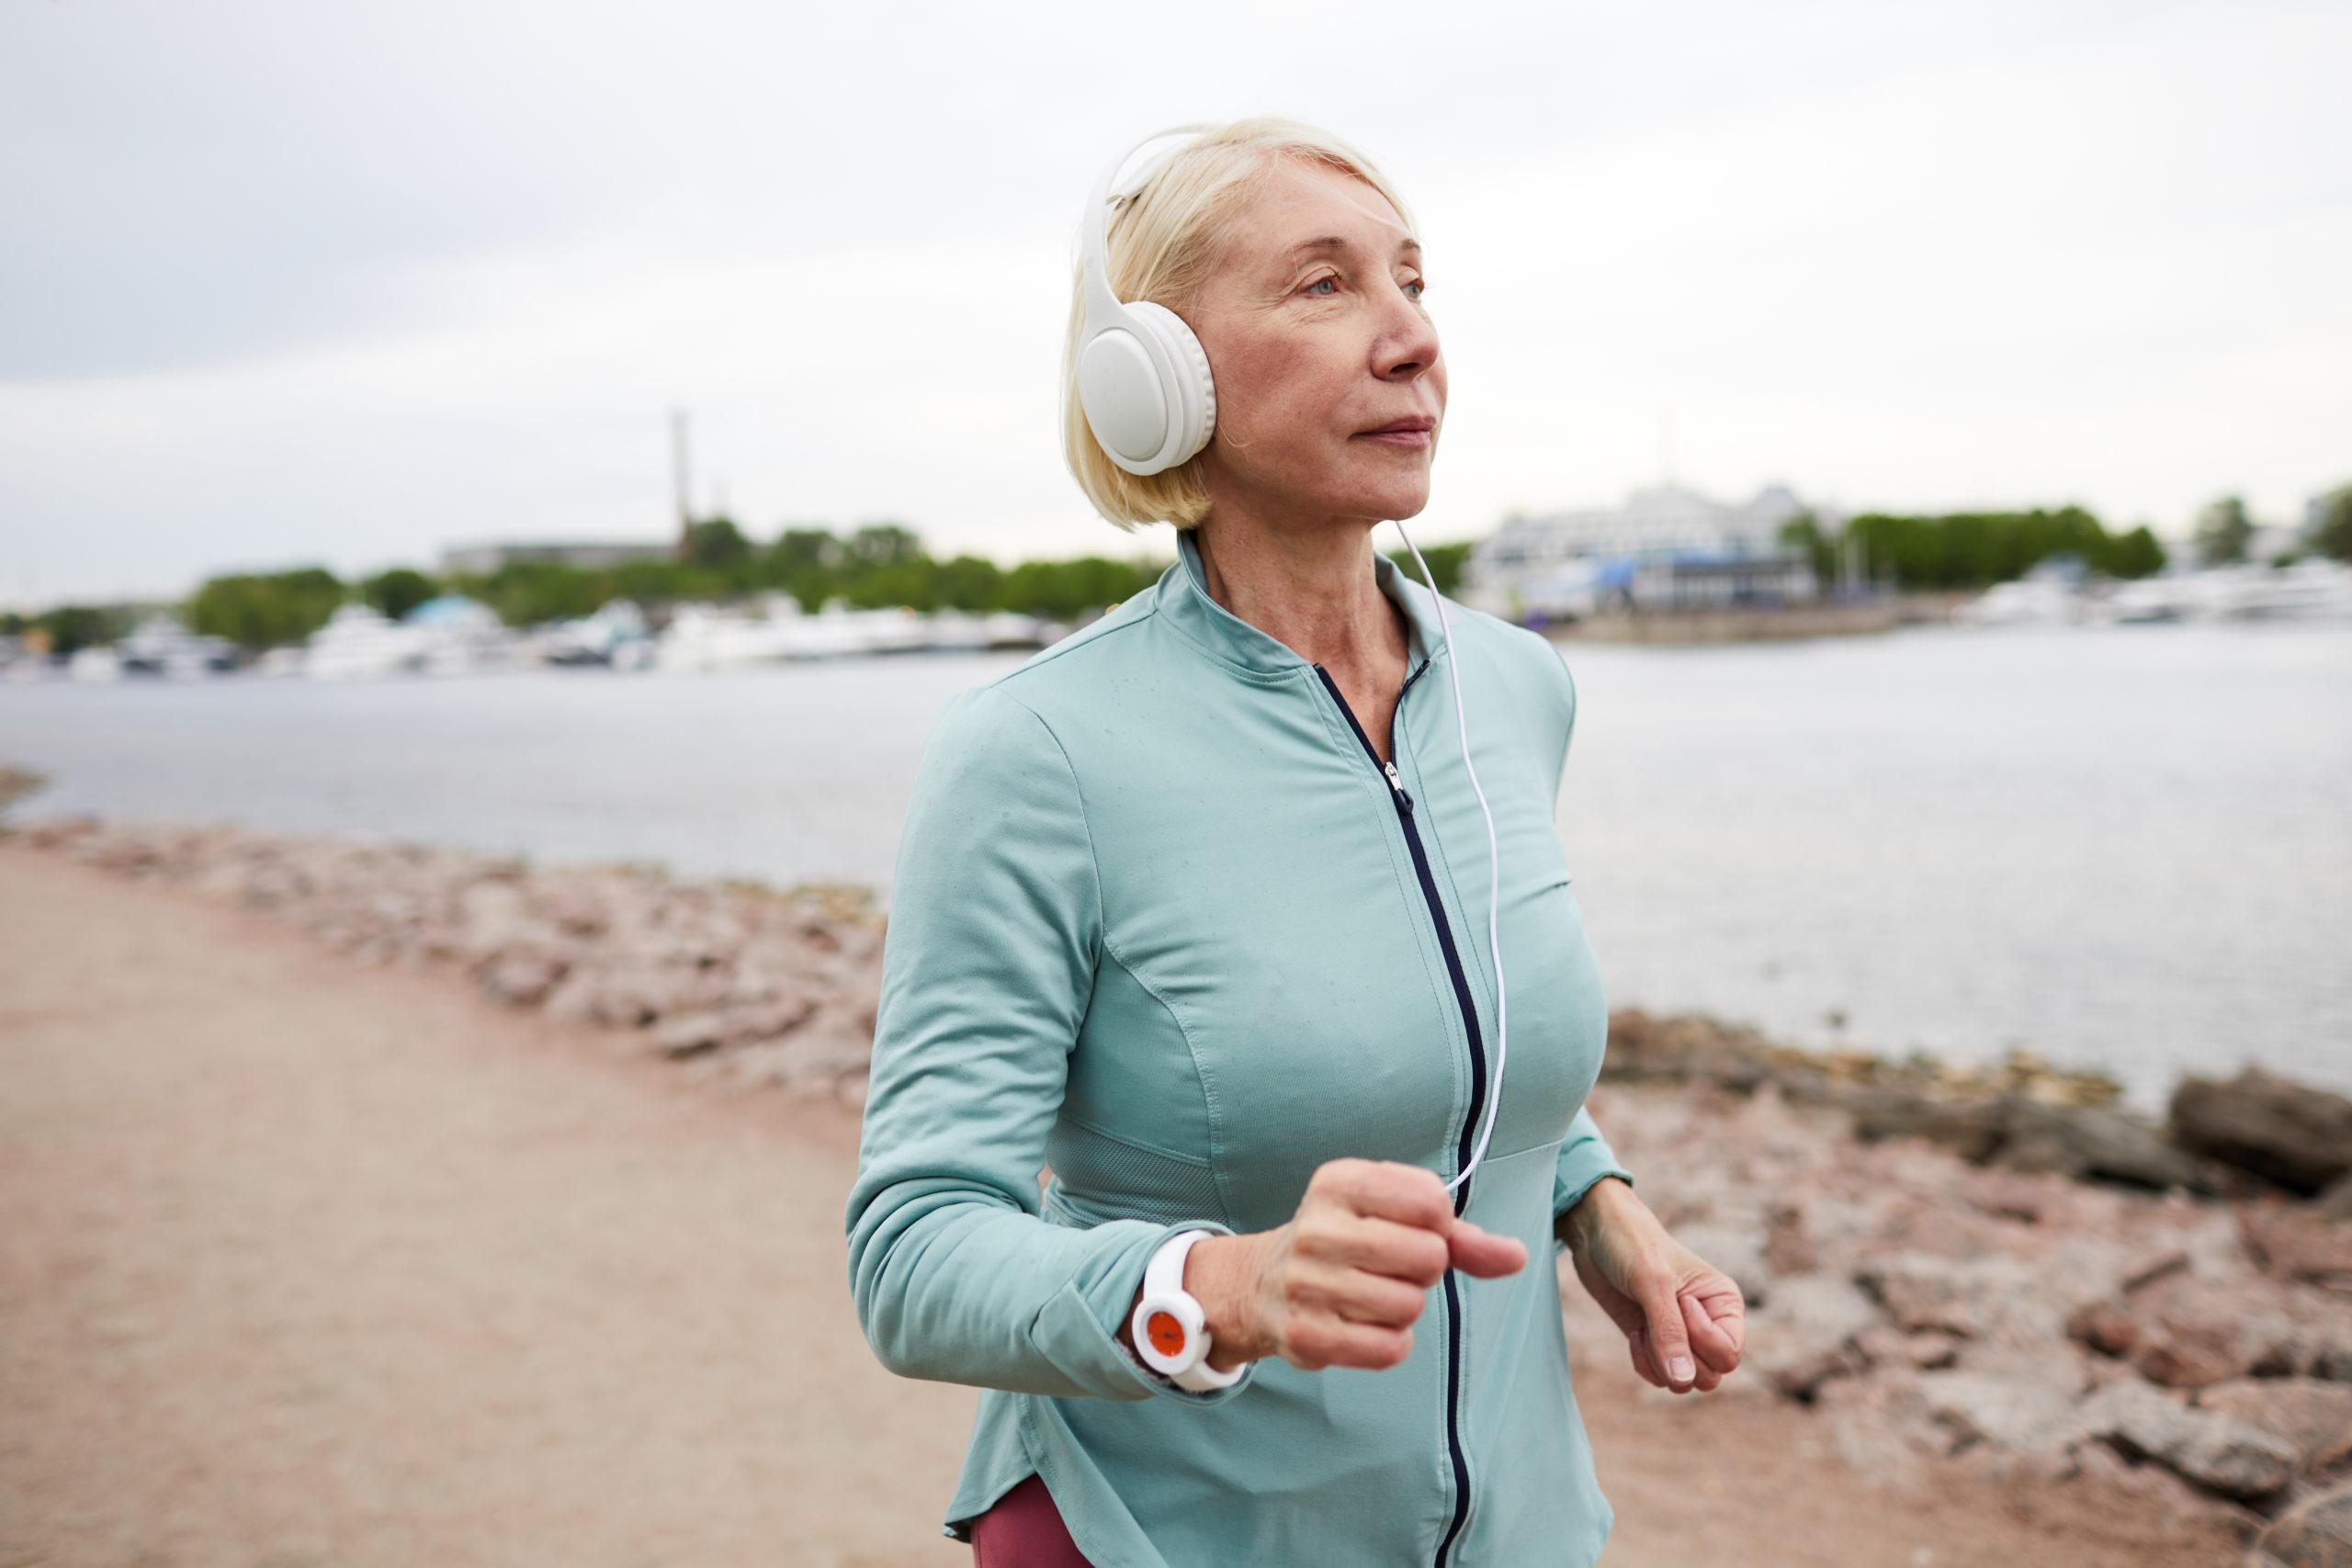 L'esercizio fisico può ridurre la neovascolarizzazione oculare